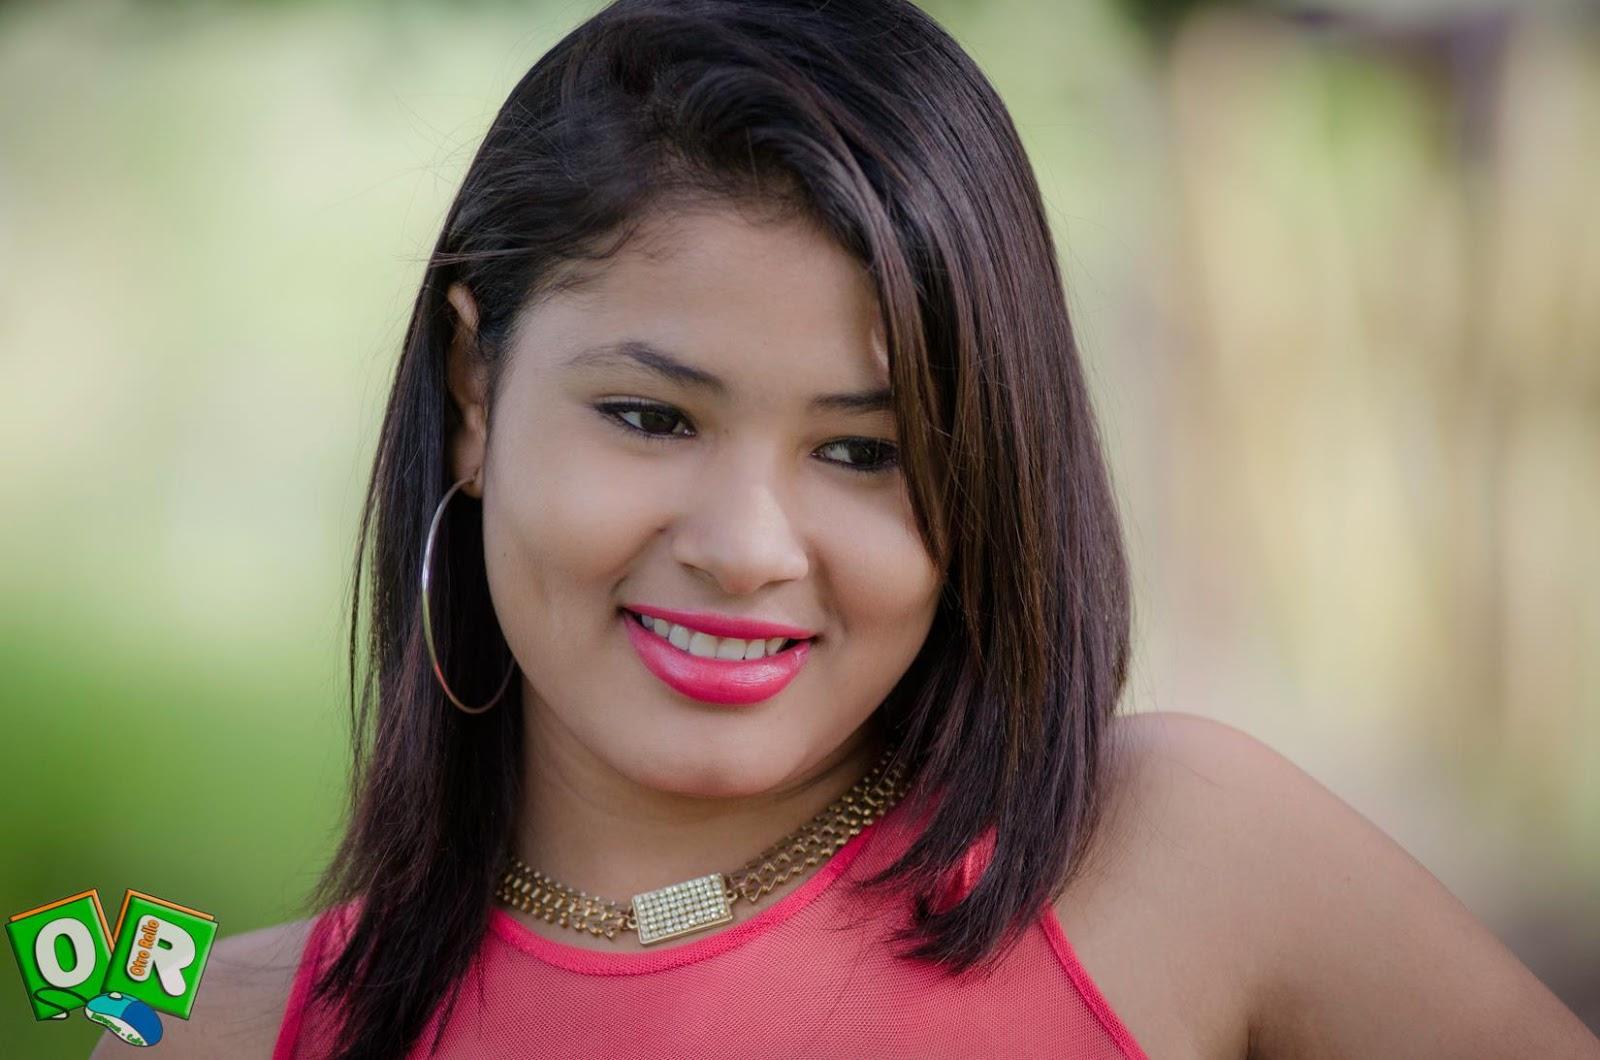 Conocer Online Con Chicas Sexo Não Cobrança Cascavel-87812